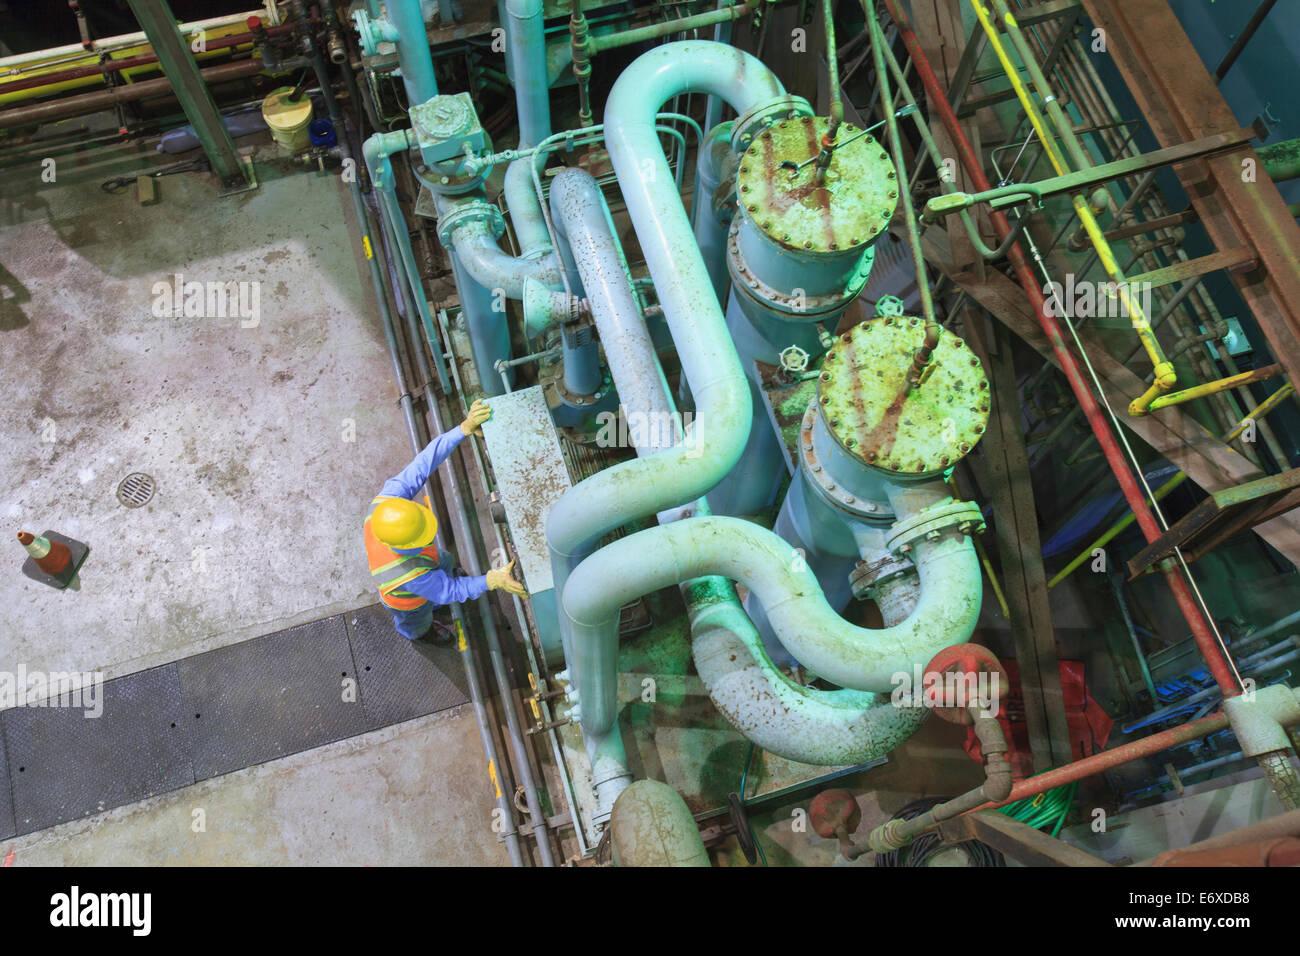 Ingegnere in turbine a gas di potenza elettrica impianto gas di scarico e il processo di condensazione camera rivedendo Immagini Stock